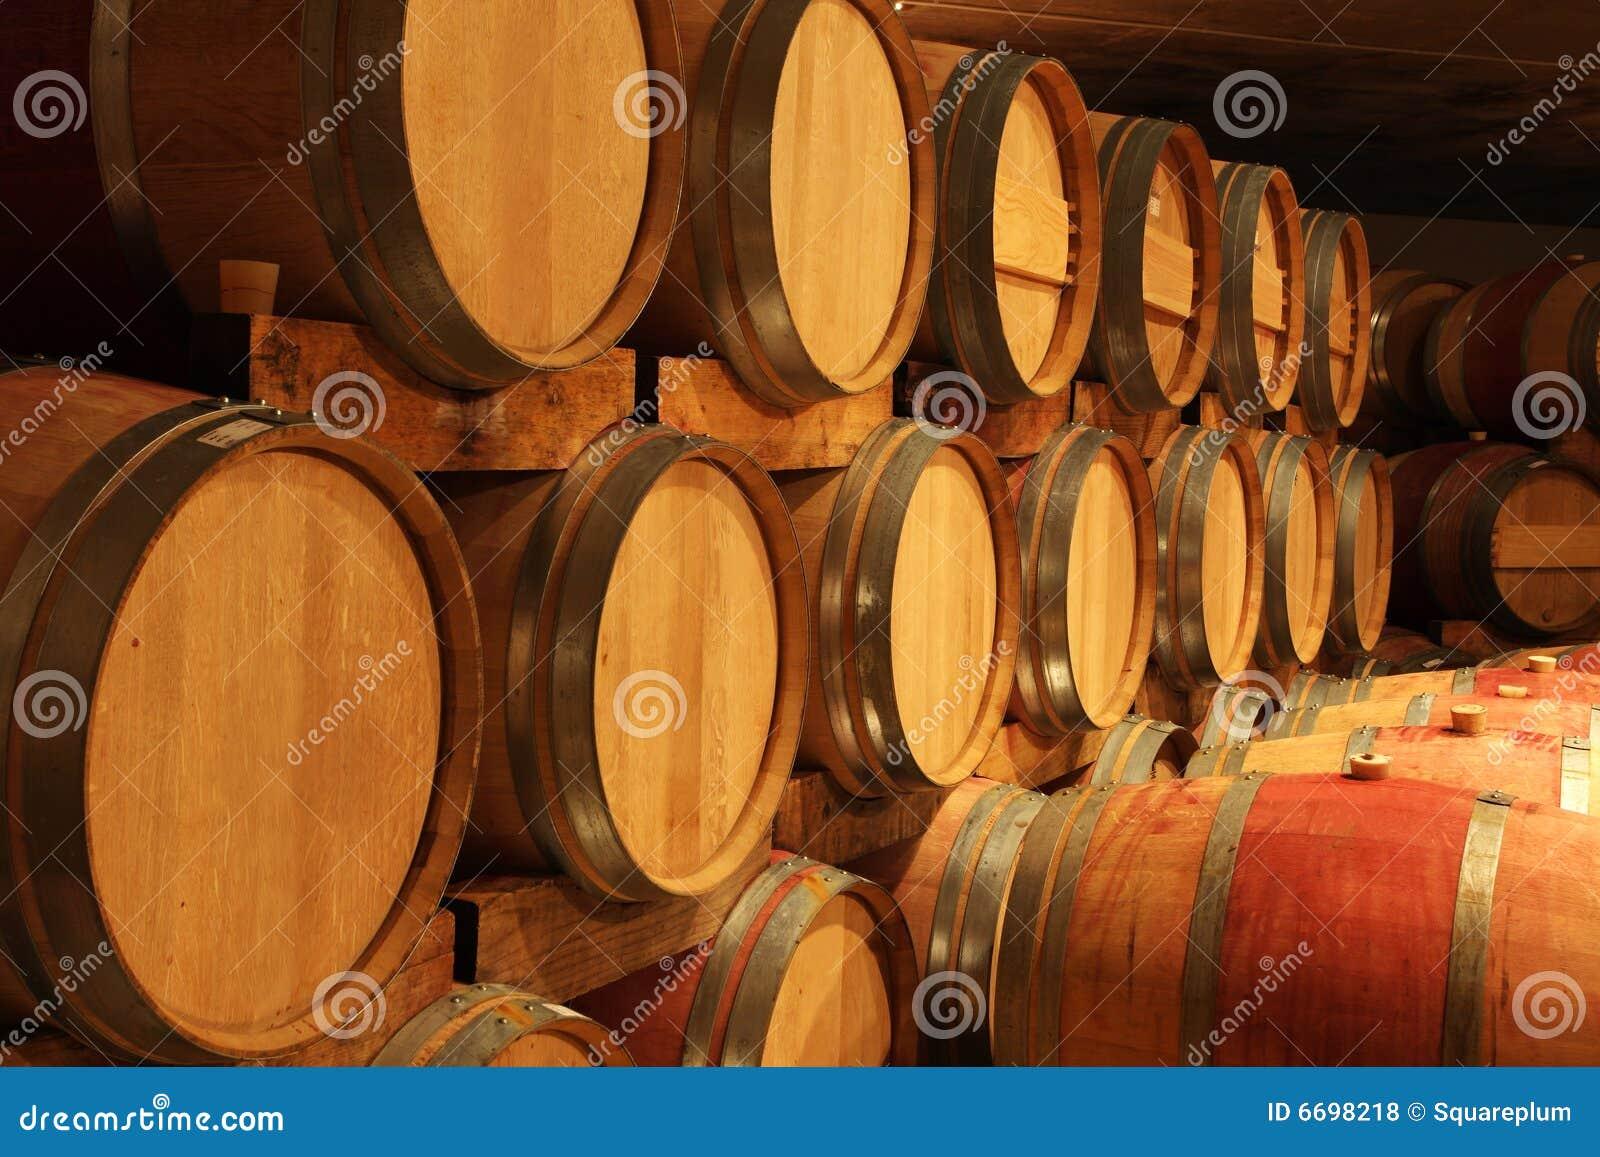 Fußboden Aus Weinfässern ~ Weinfass stehtisch und viele andere diy möbel aus holzfass